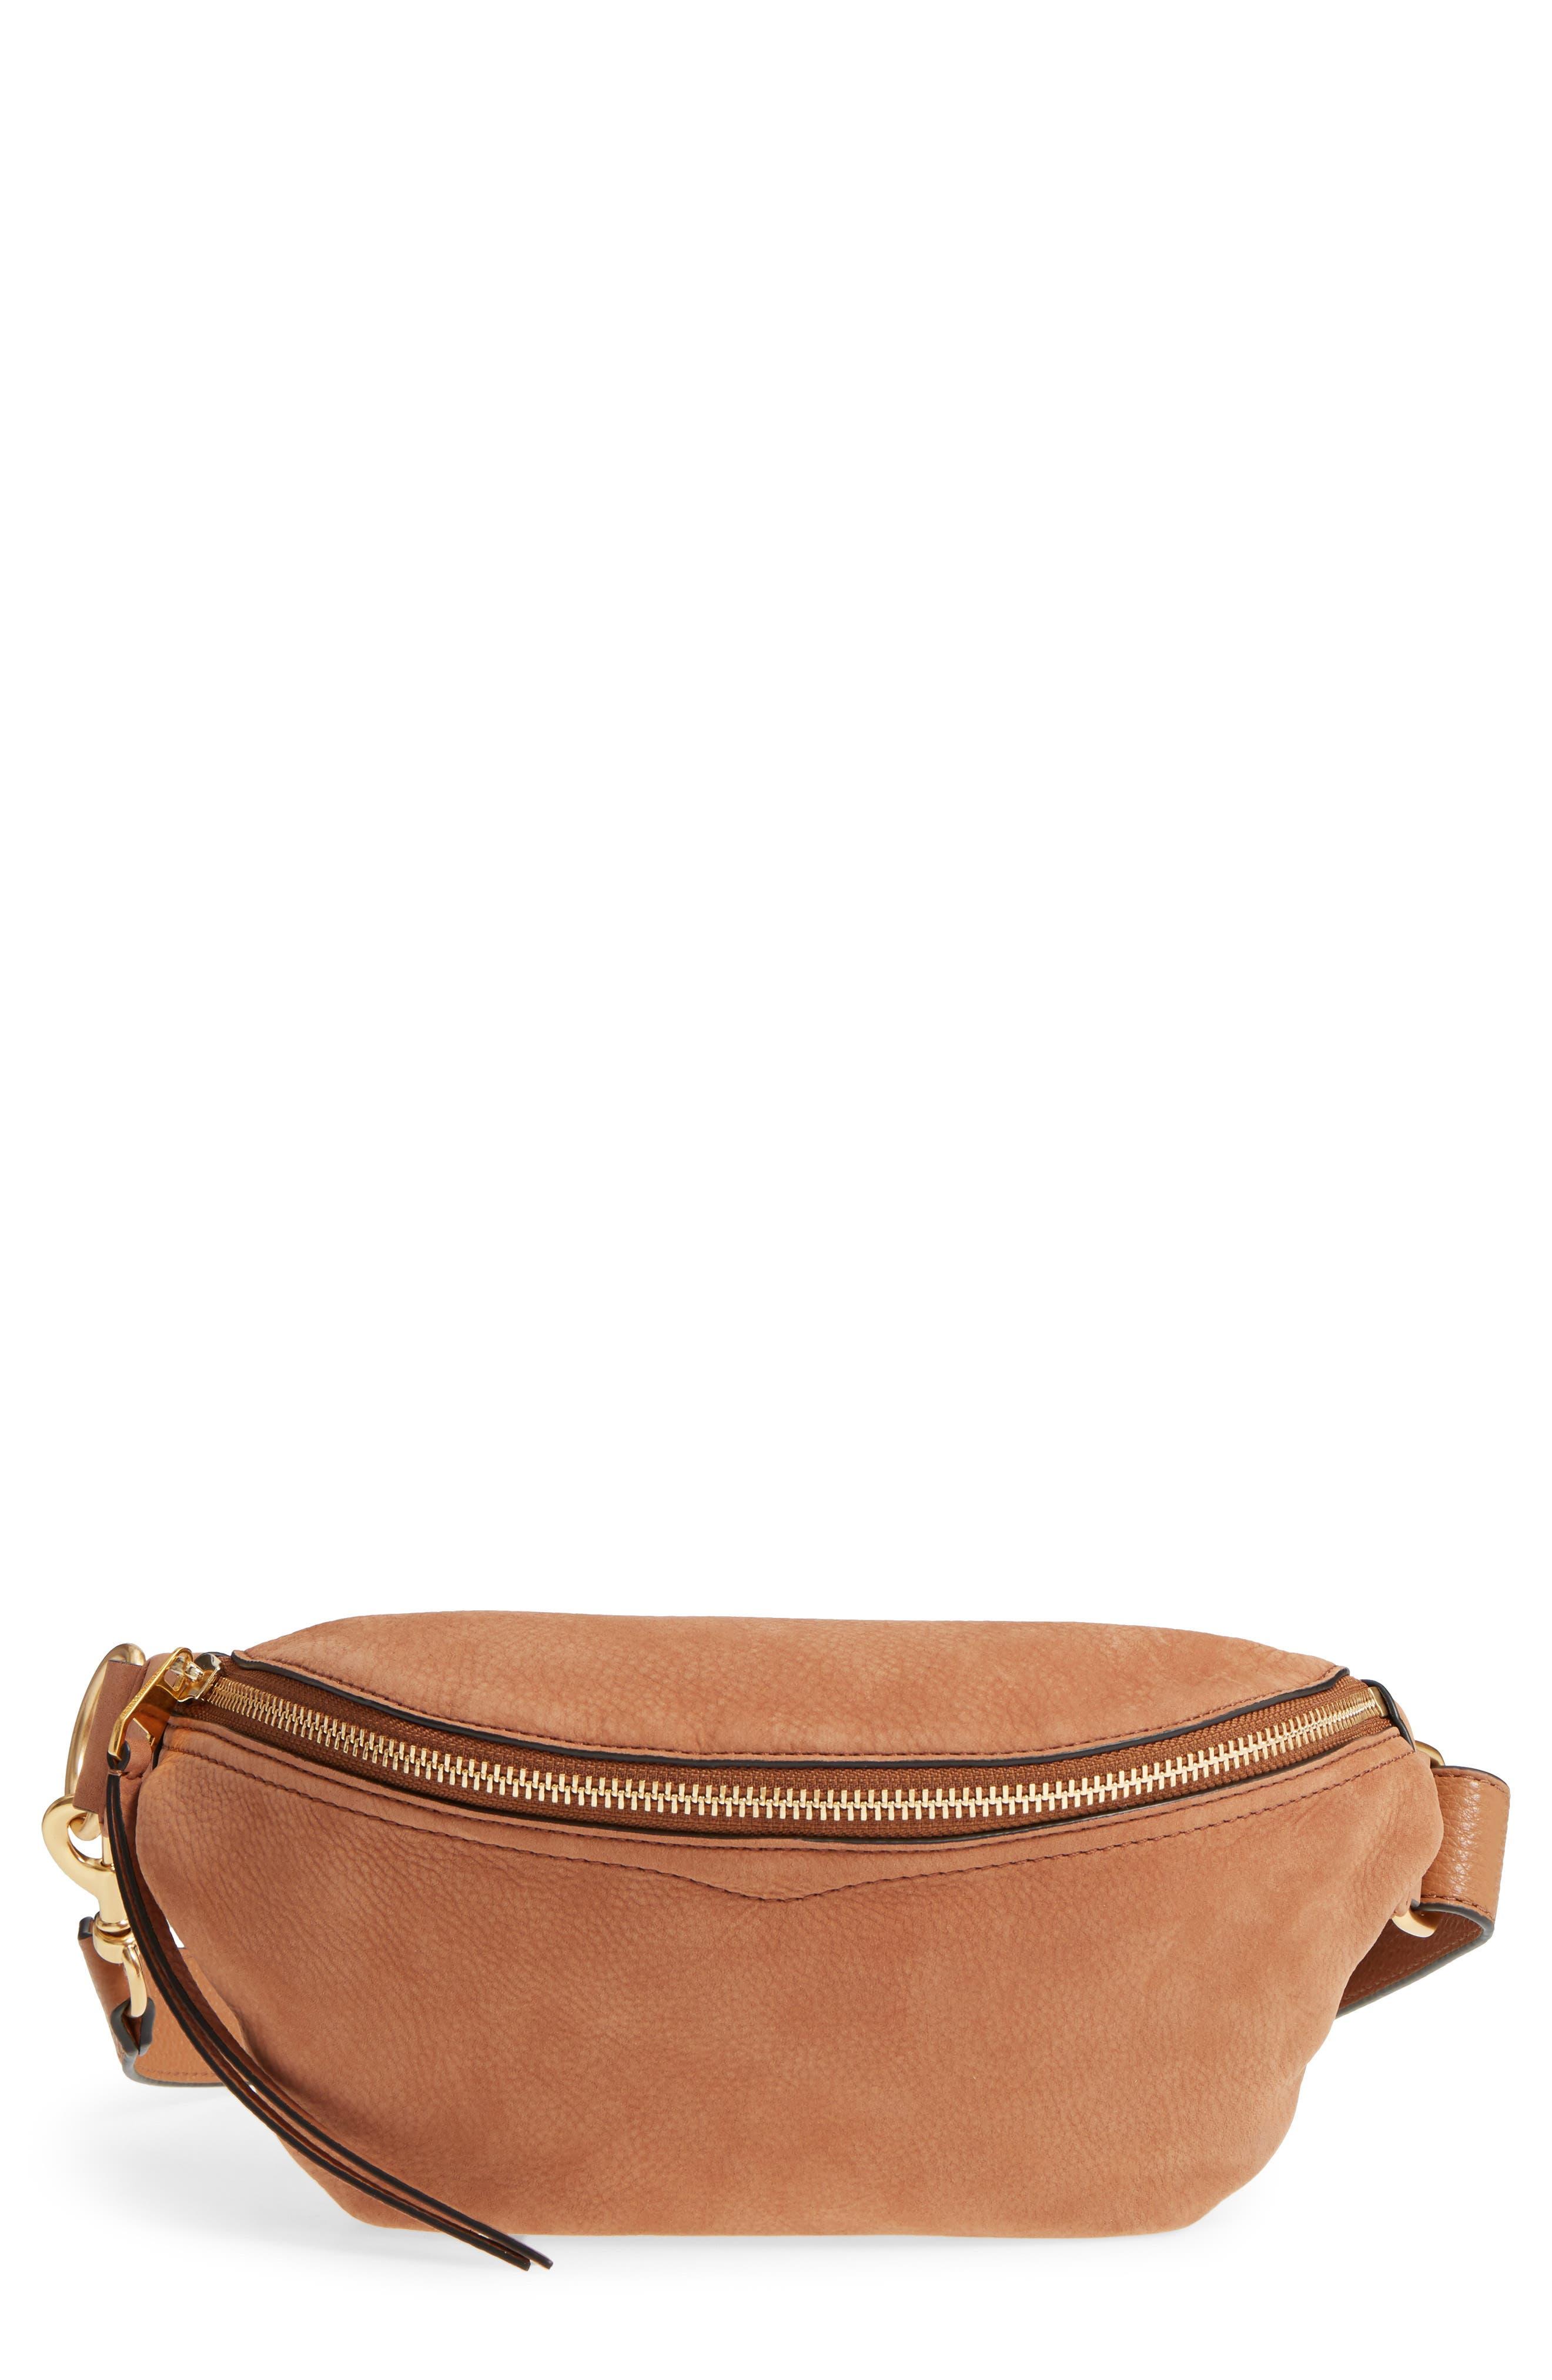 Bree Leather Belt Bag, Main, color, 230